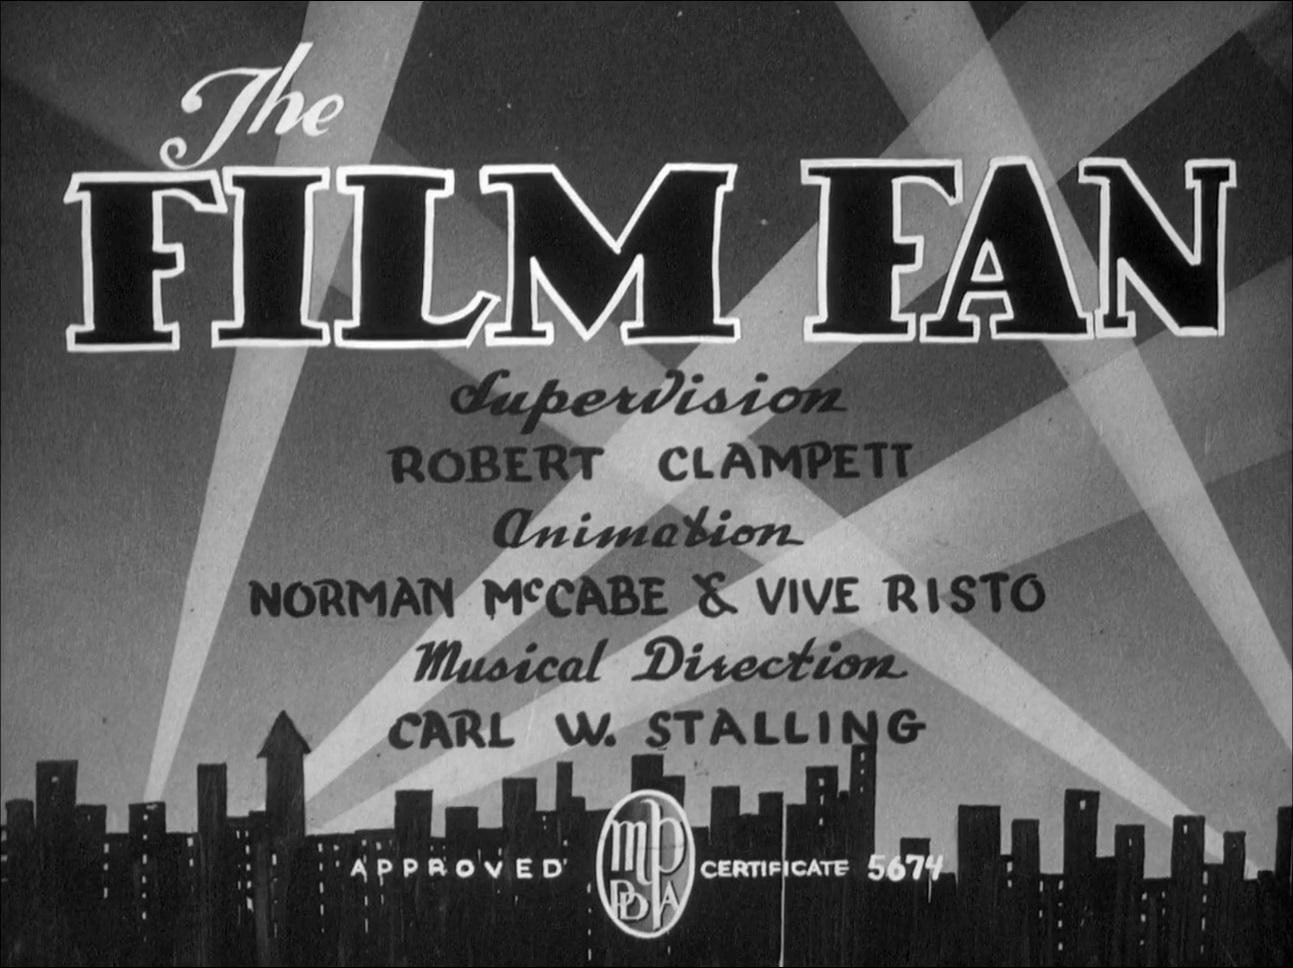 File:Thefilmfan.jpg